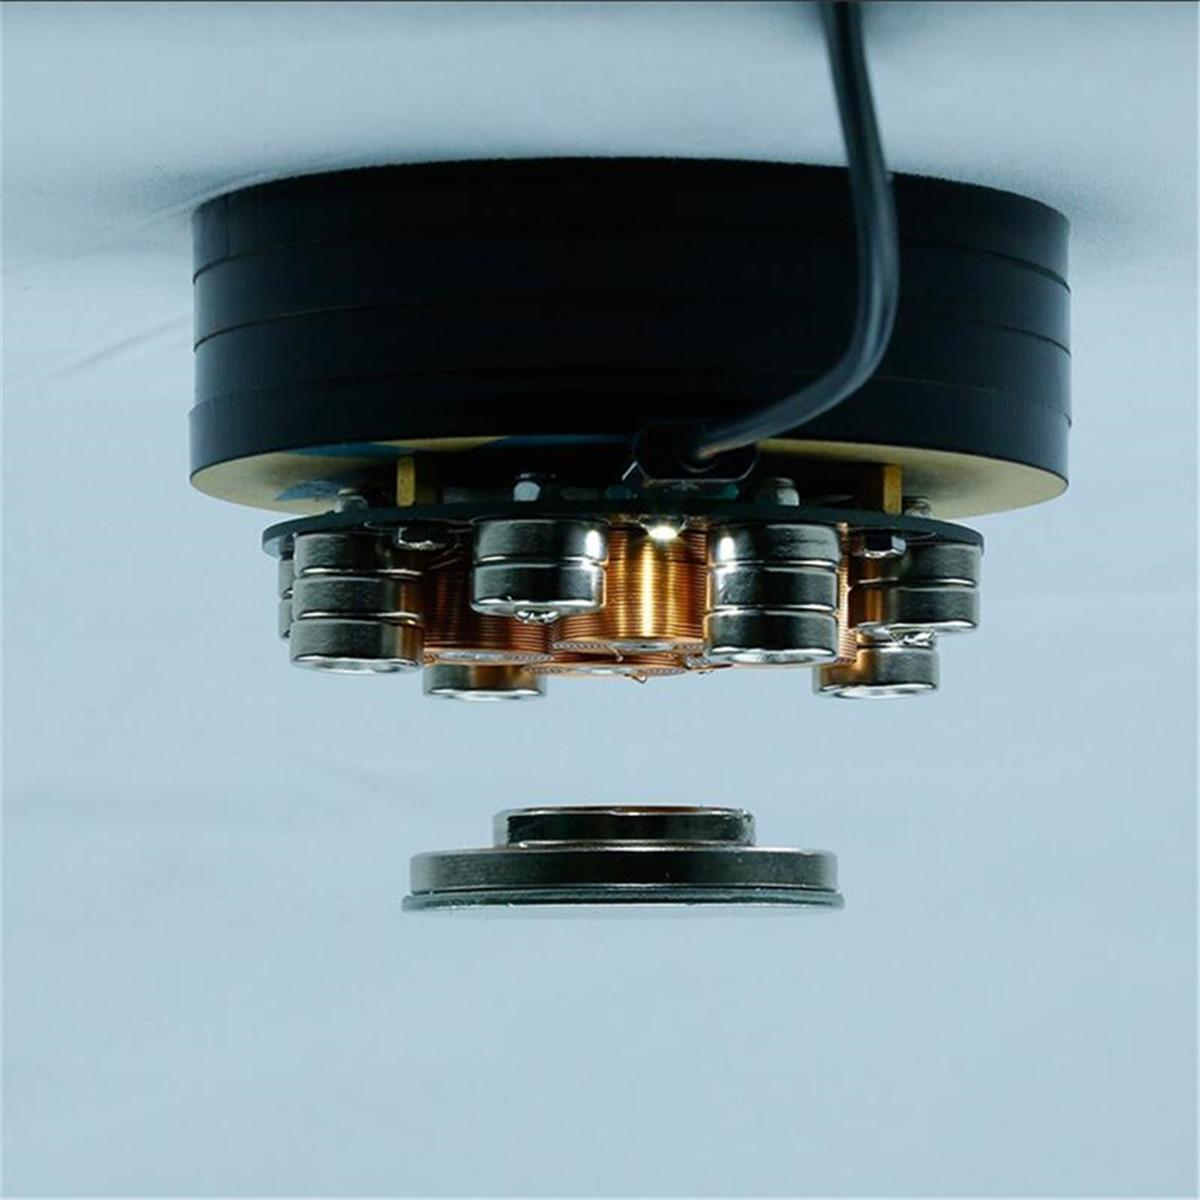 5 V bricolage Push Down Magnétique Suspension Kit Étudiant Éducation Apprentissage jouet scientifique Magnétique Lévitation Outil